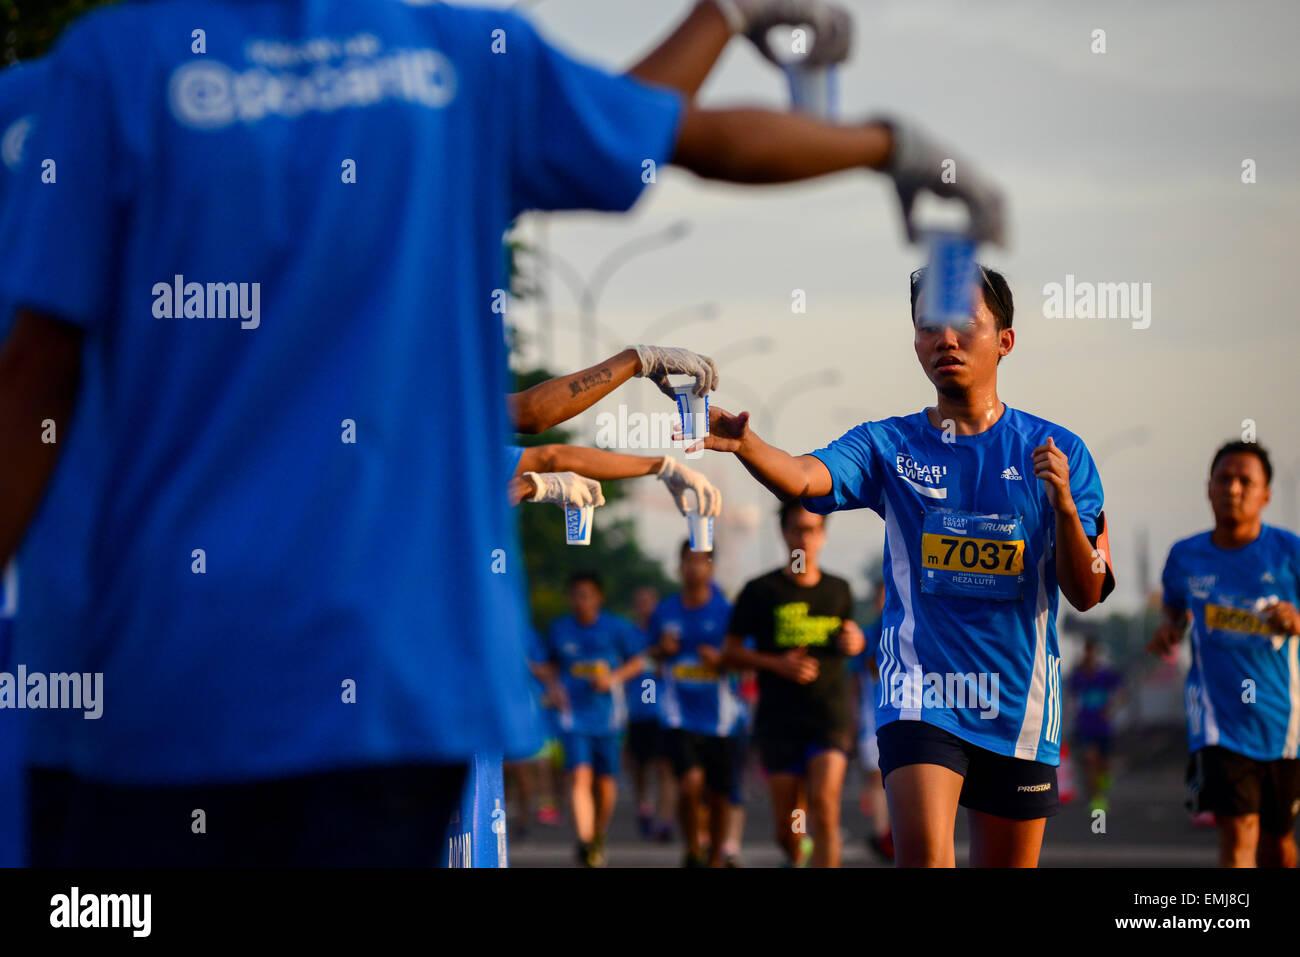 Porteur de prendre un verre dans un rafraîchissement tout en tournant au Pocari Sweat course Run 2015 dans Photo Stock